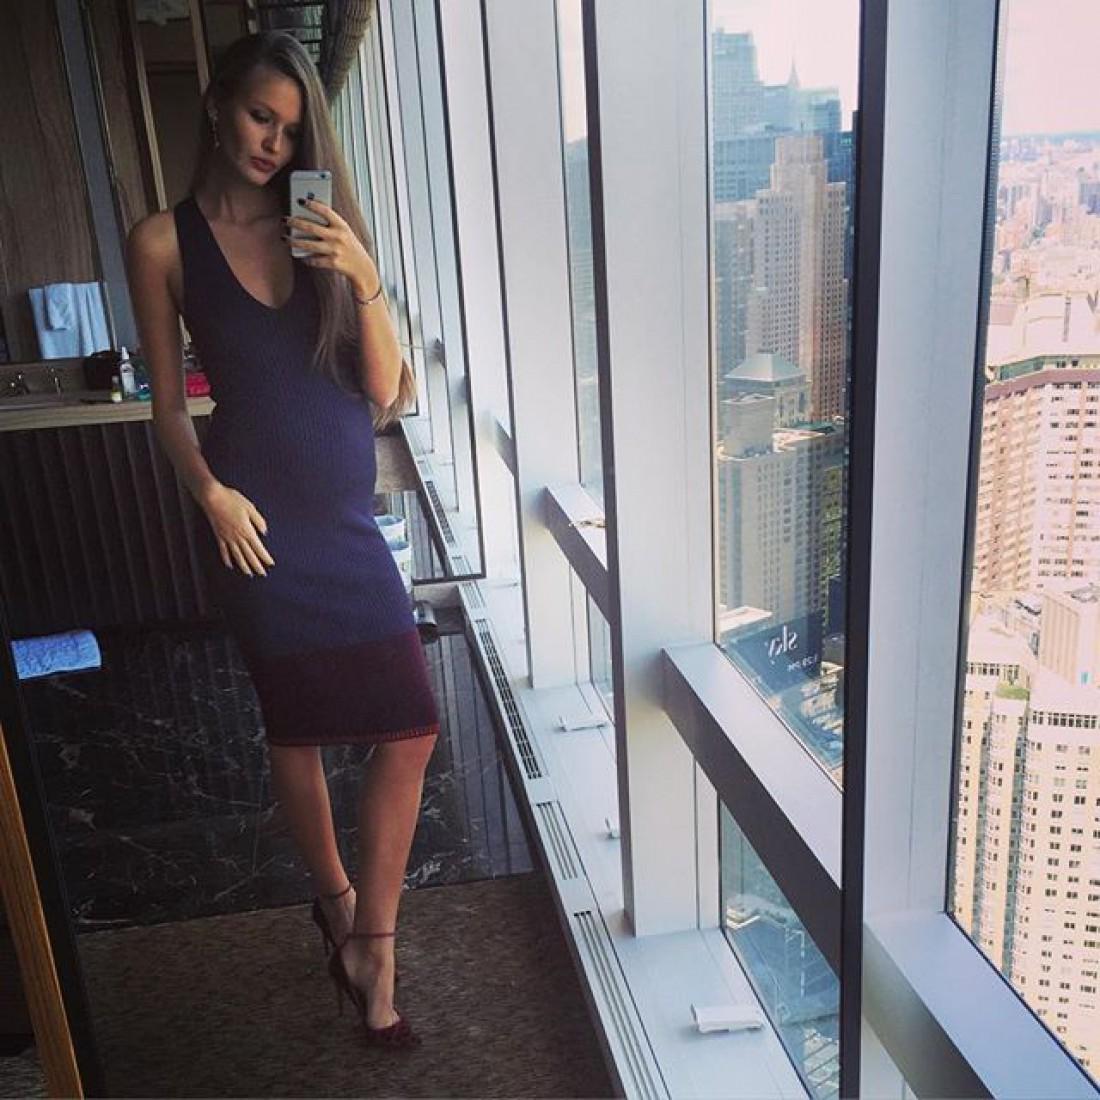 Кристина опубликовала фото, на котором заметно, что она беременна.